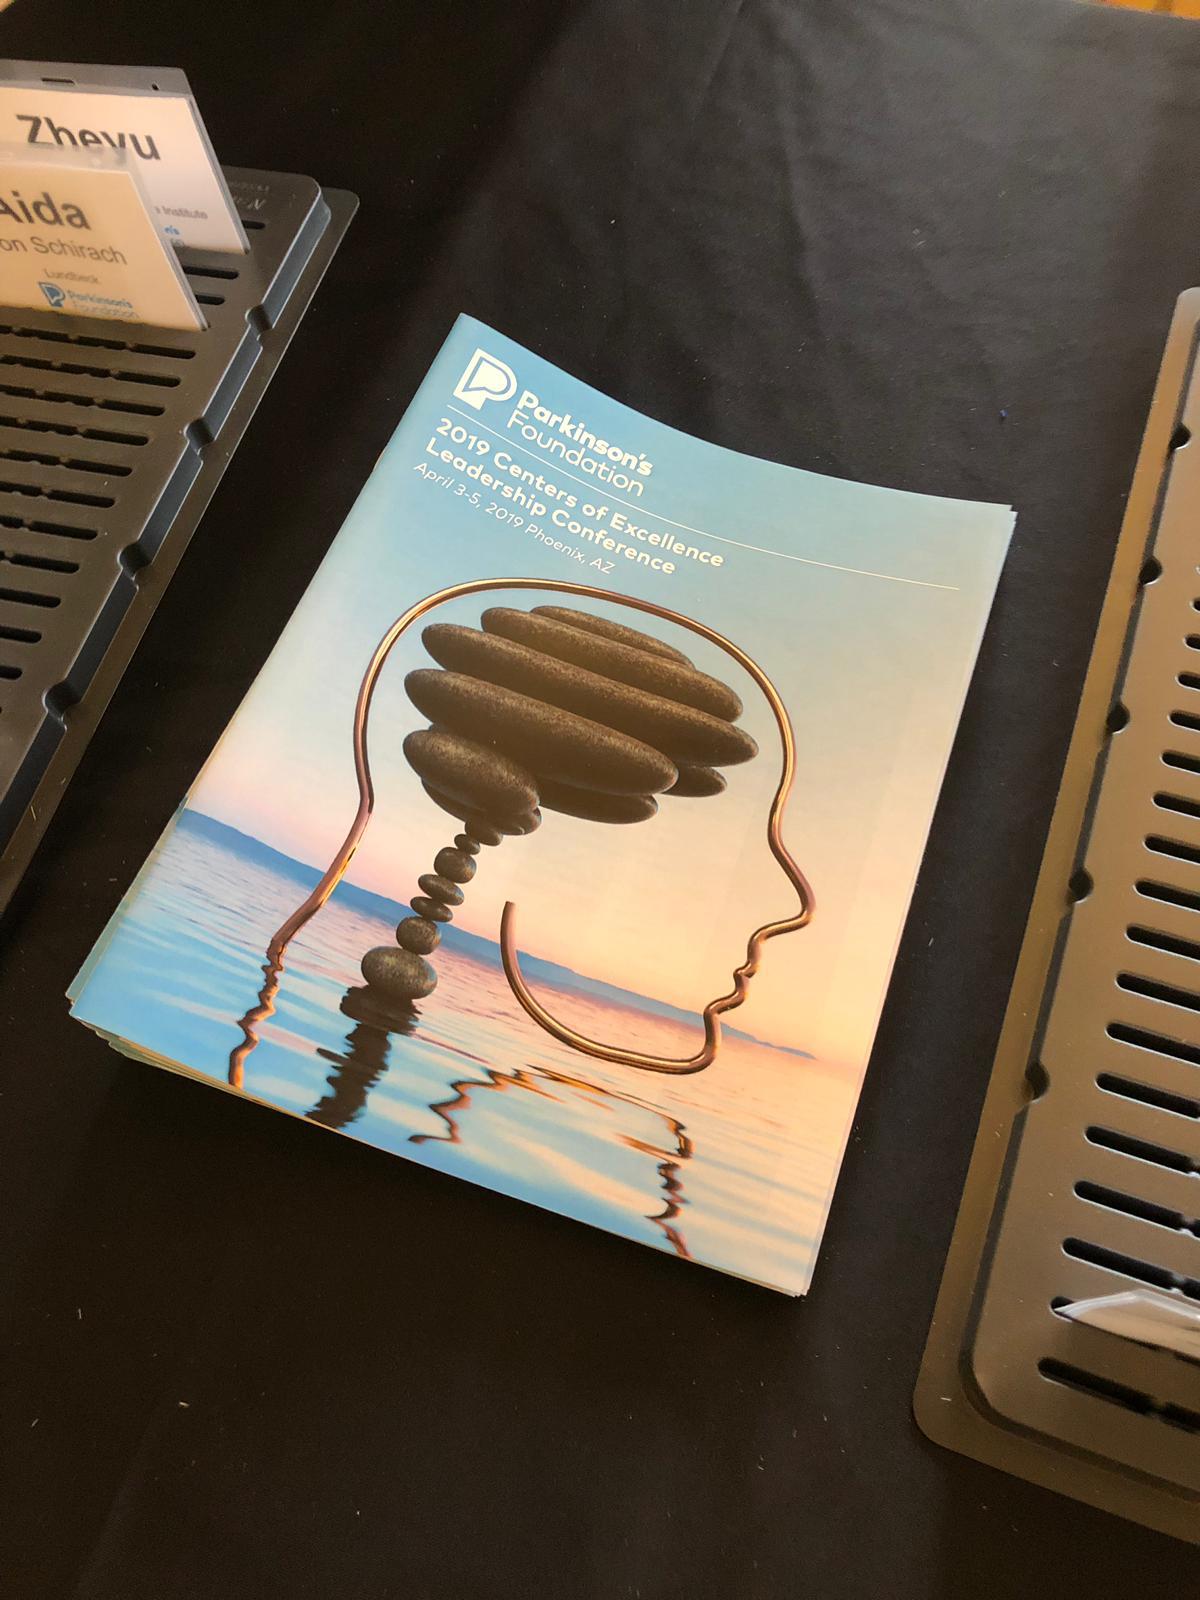 Imagen Visual para el evento CLC 2019 del Parkinson's Foundation